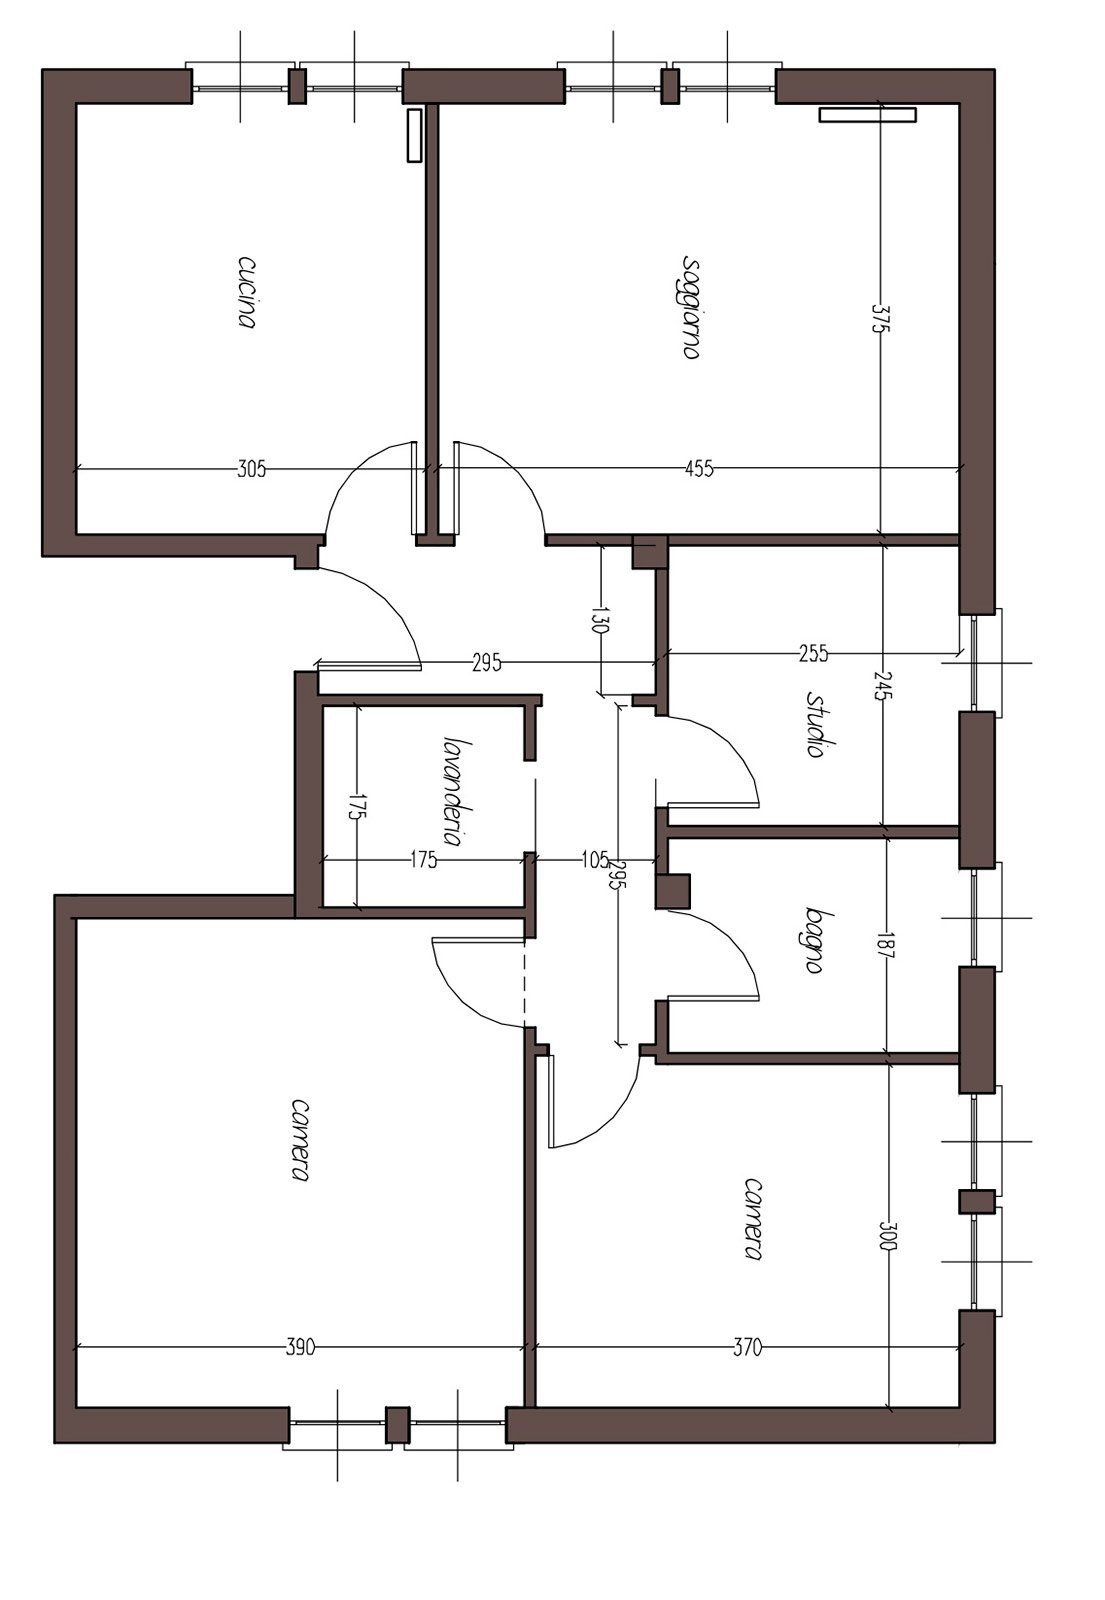 Da casa tradizionale ad abitazione moderna e attuale for Piani casa a trave aperta